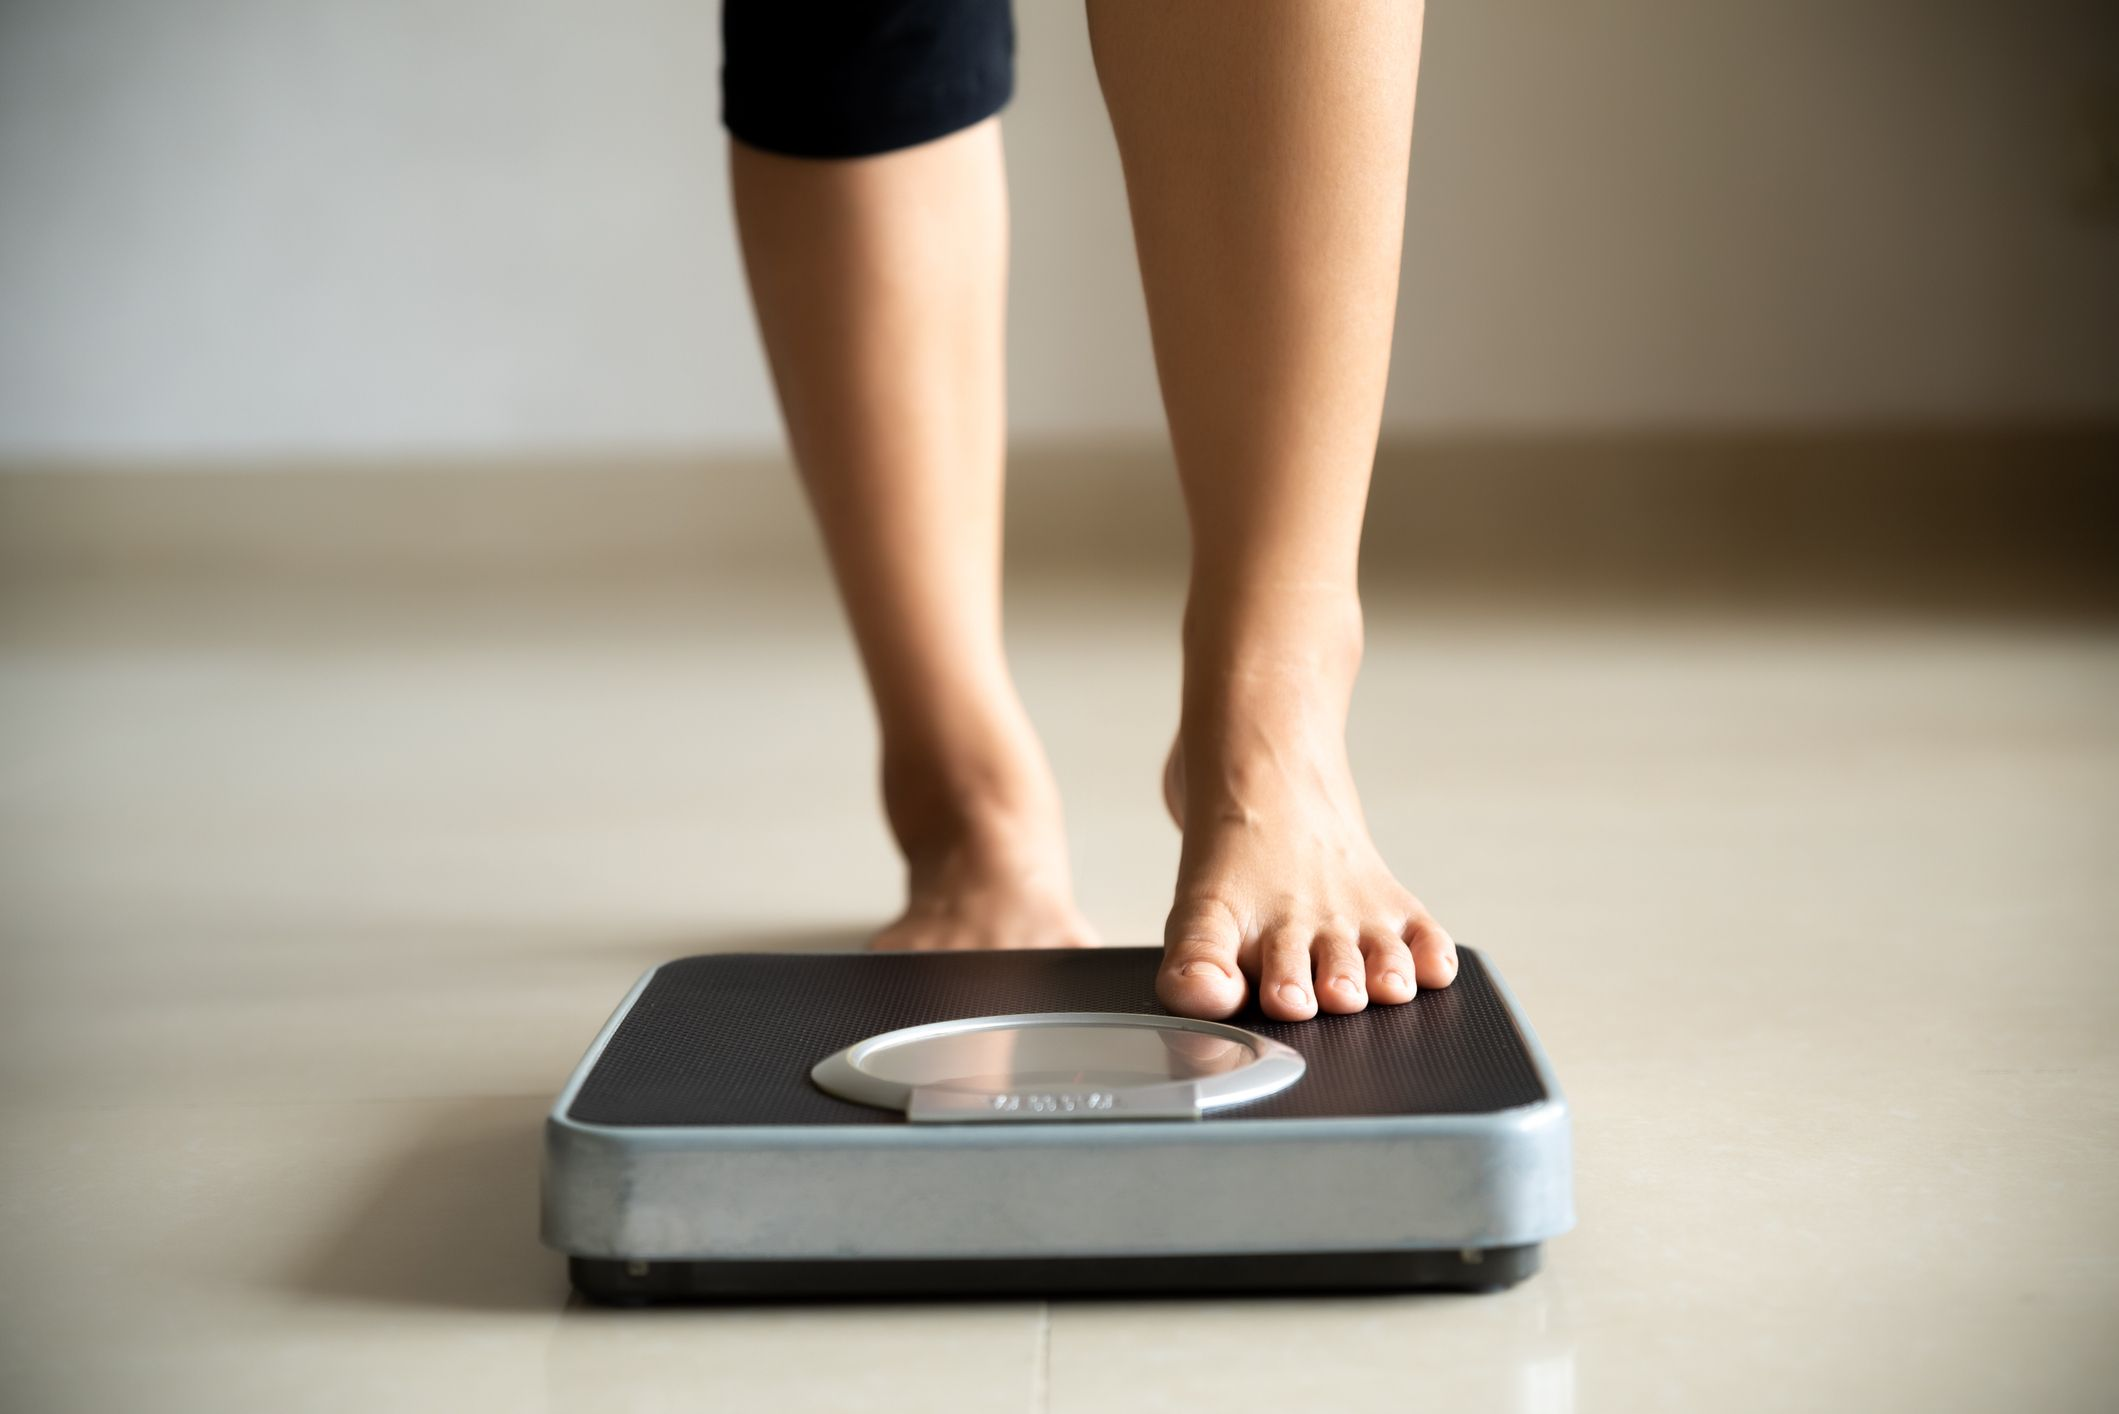 conseils de perte de poids pour les voyageurs puis-je perdre du poids pendant mes règles